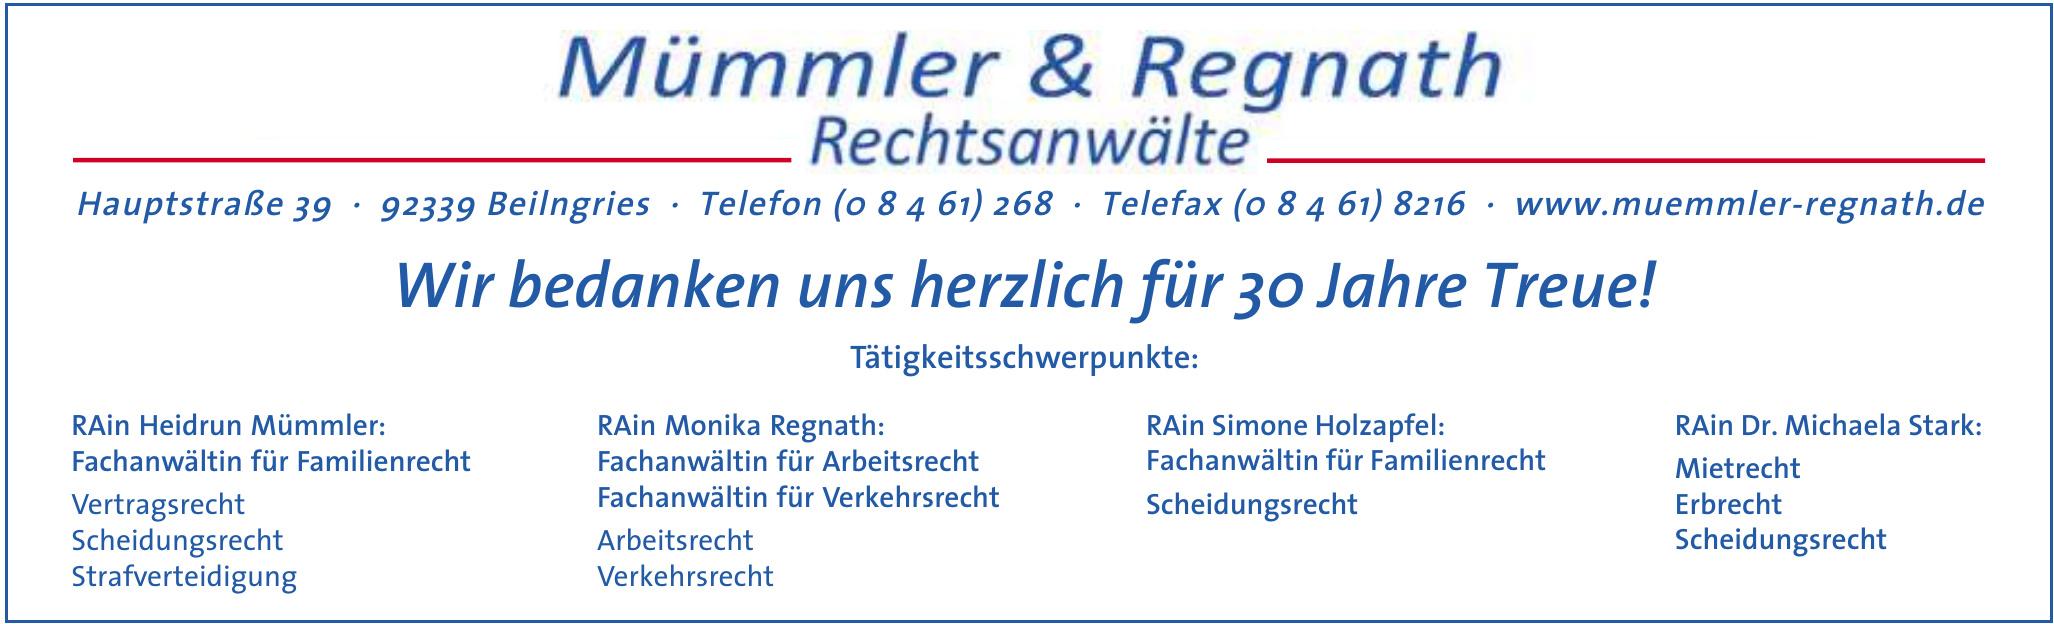 Mümmler & Regnath Rechsanwälte